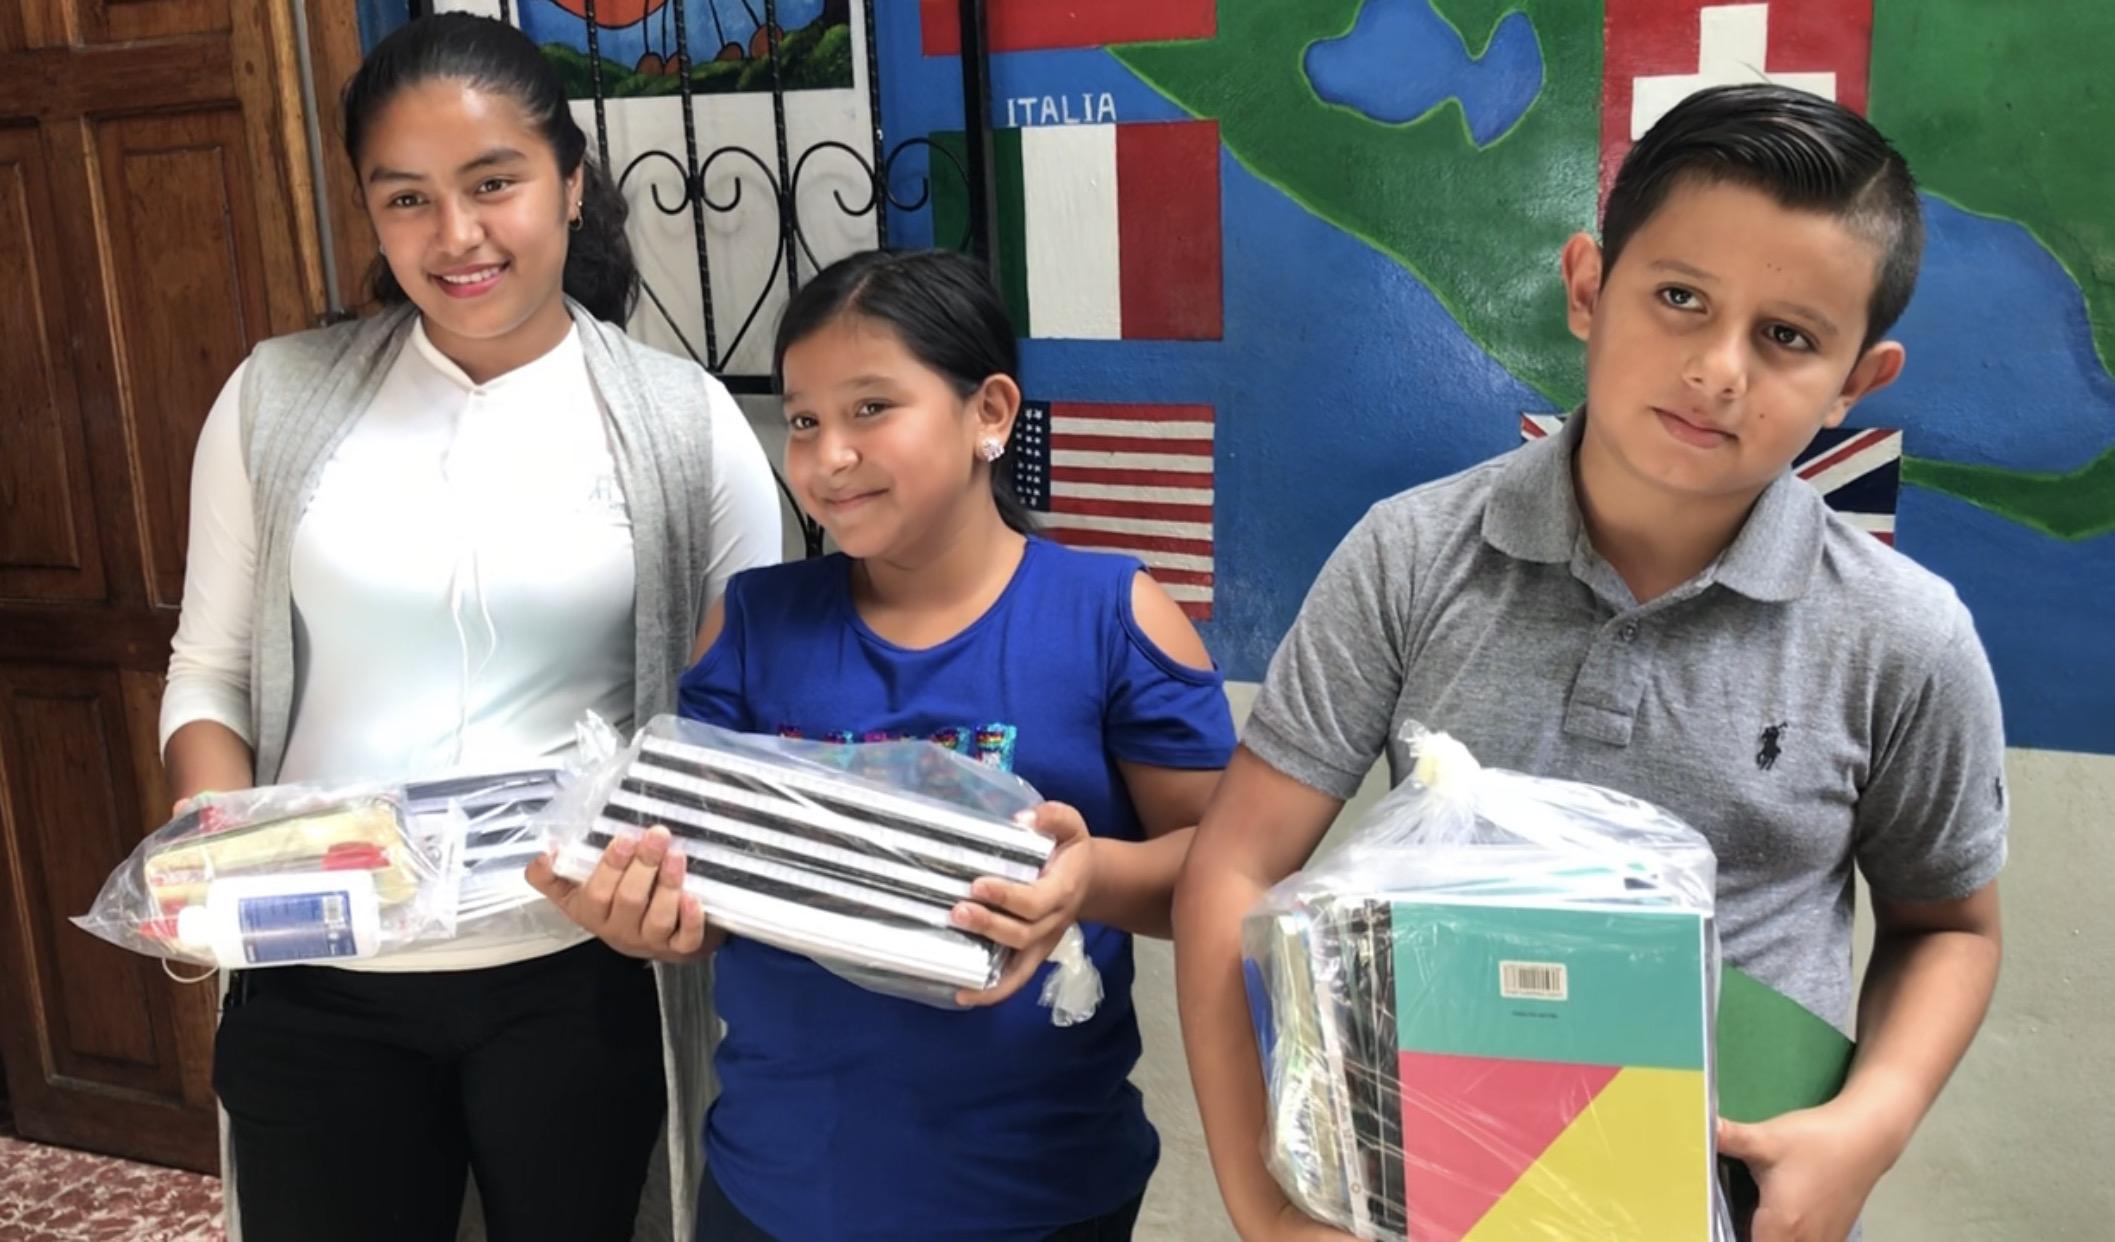 Niñez trabajadora de Matagalpa recibe becas escolares